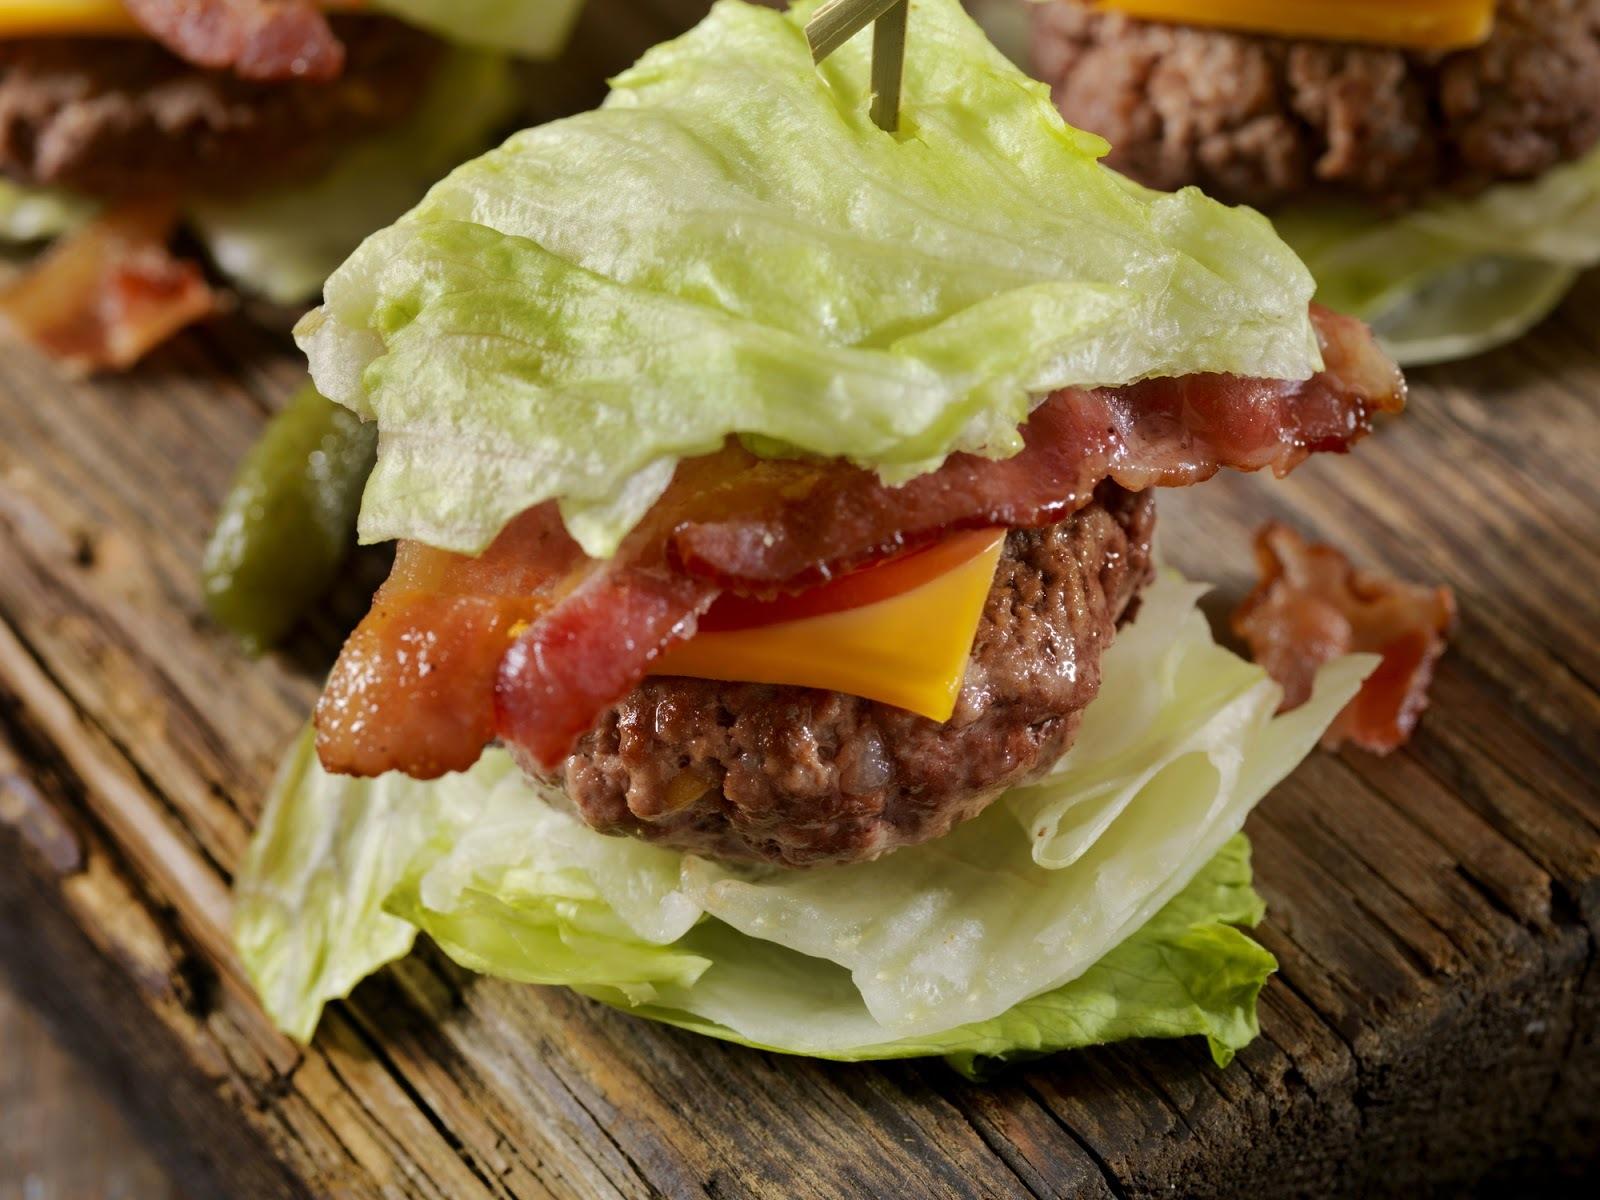 low carb lettuce wrap burger